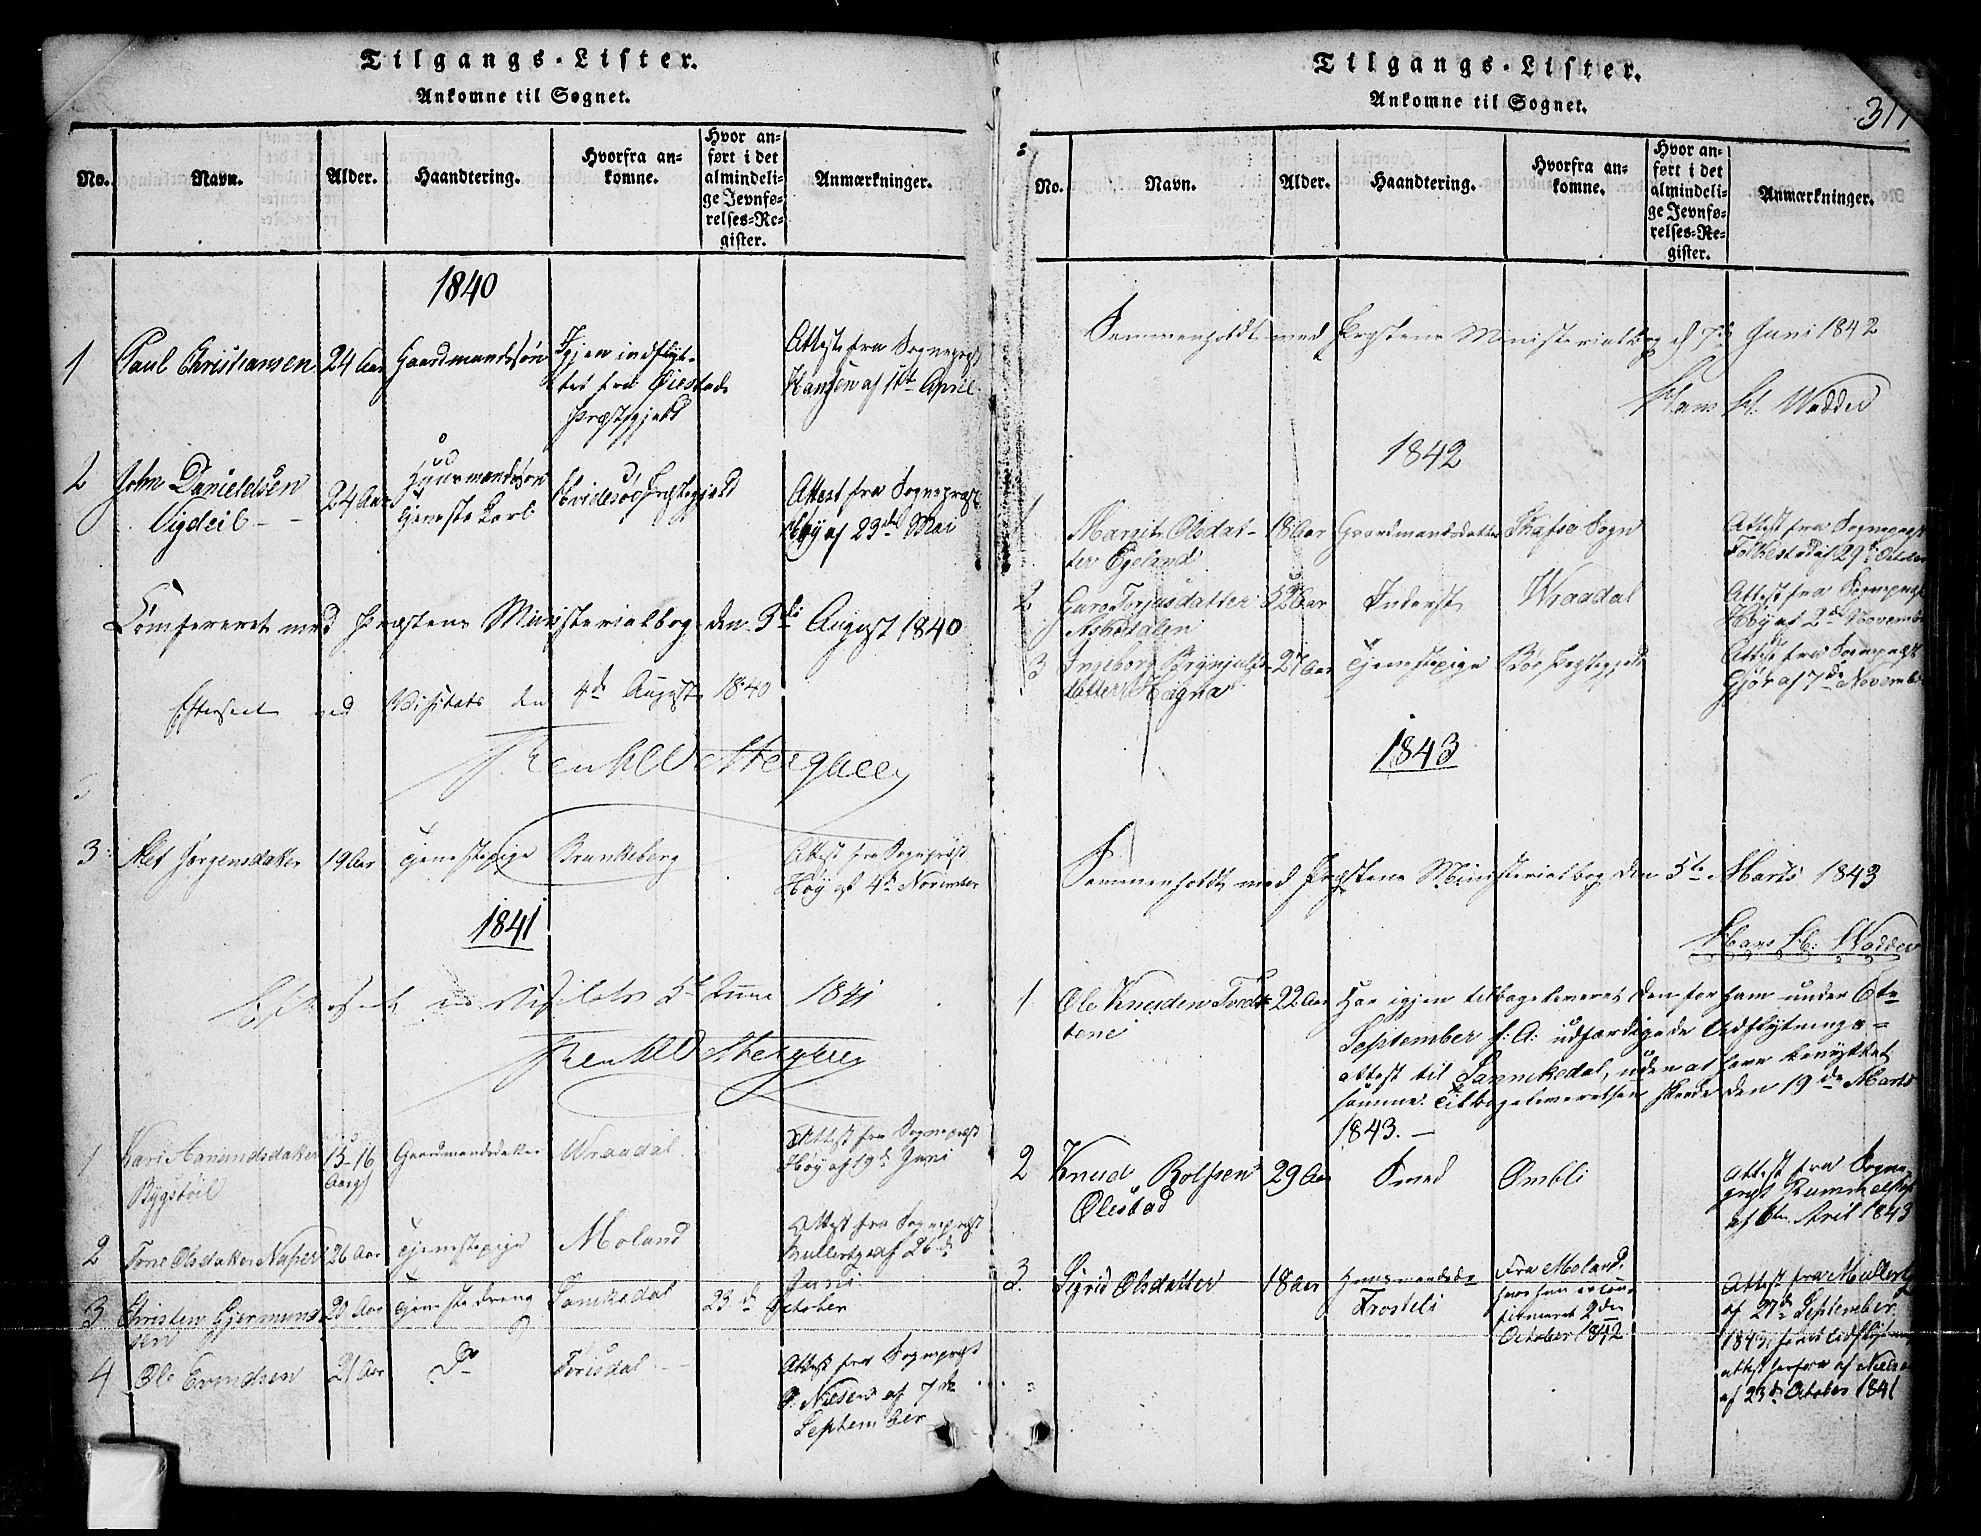 SAKO, Nissedal kirkebøker, G/Ga/L0001: Klokkerbok nr. I 1, 1814-1860, s. 317